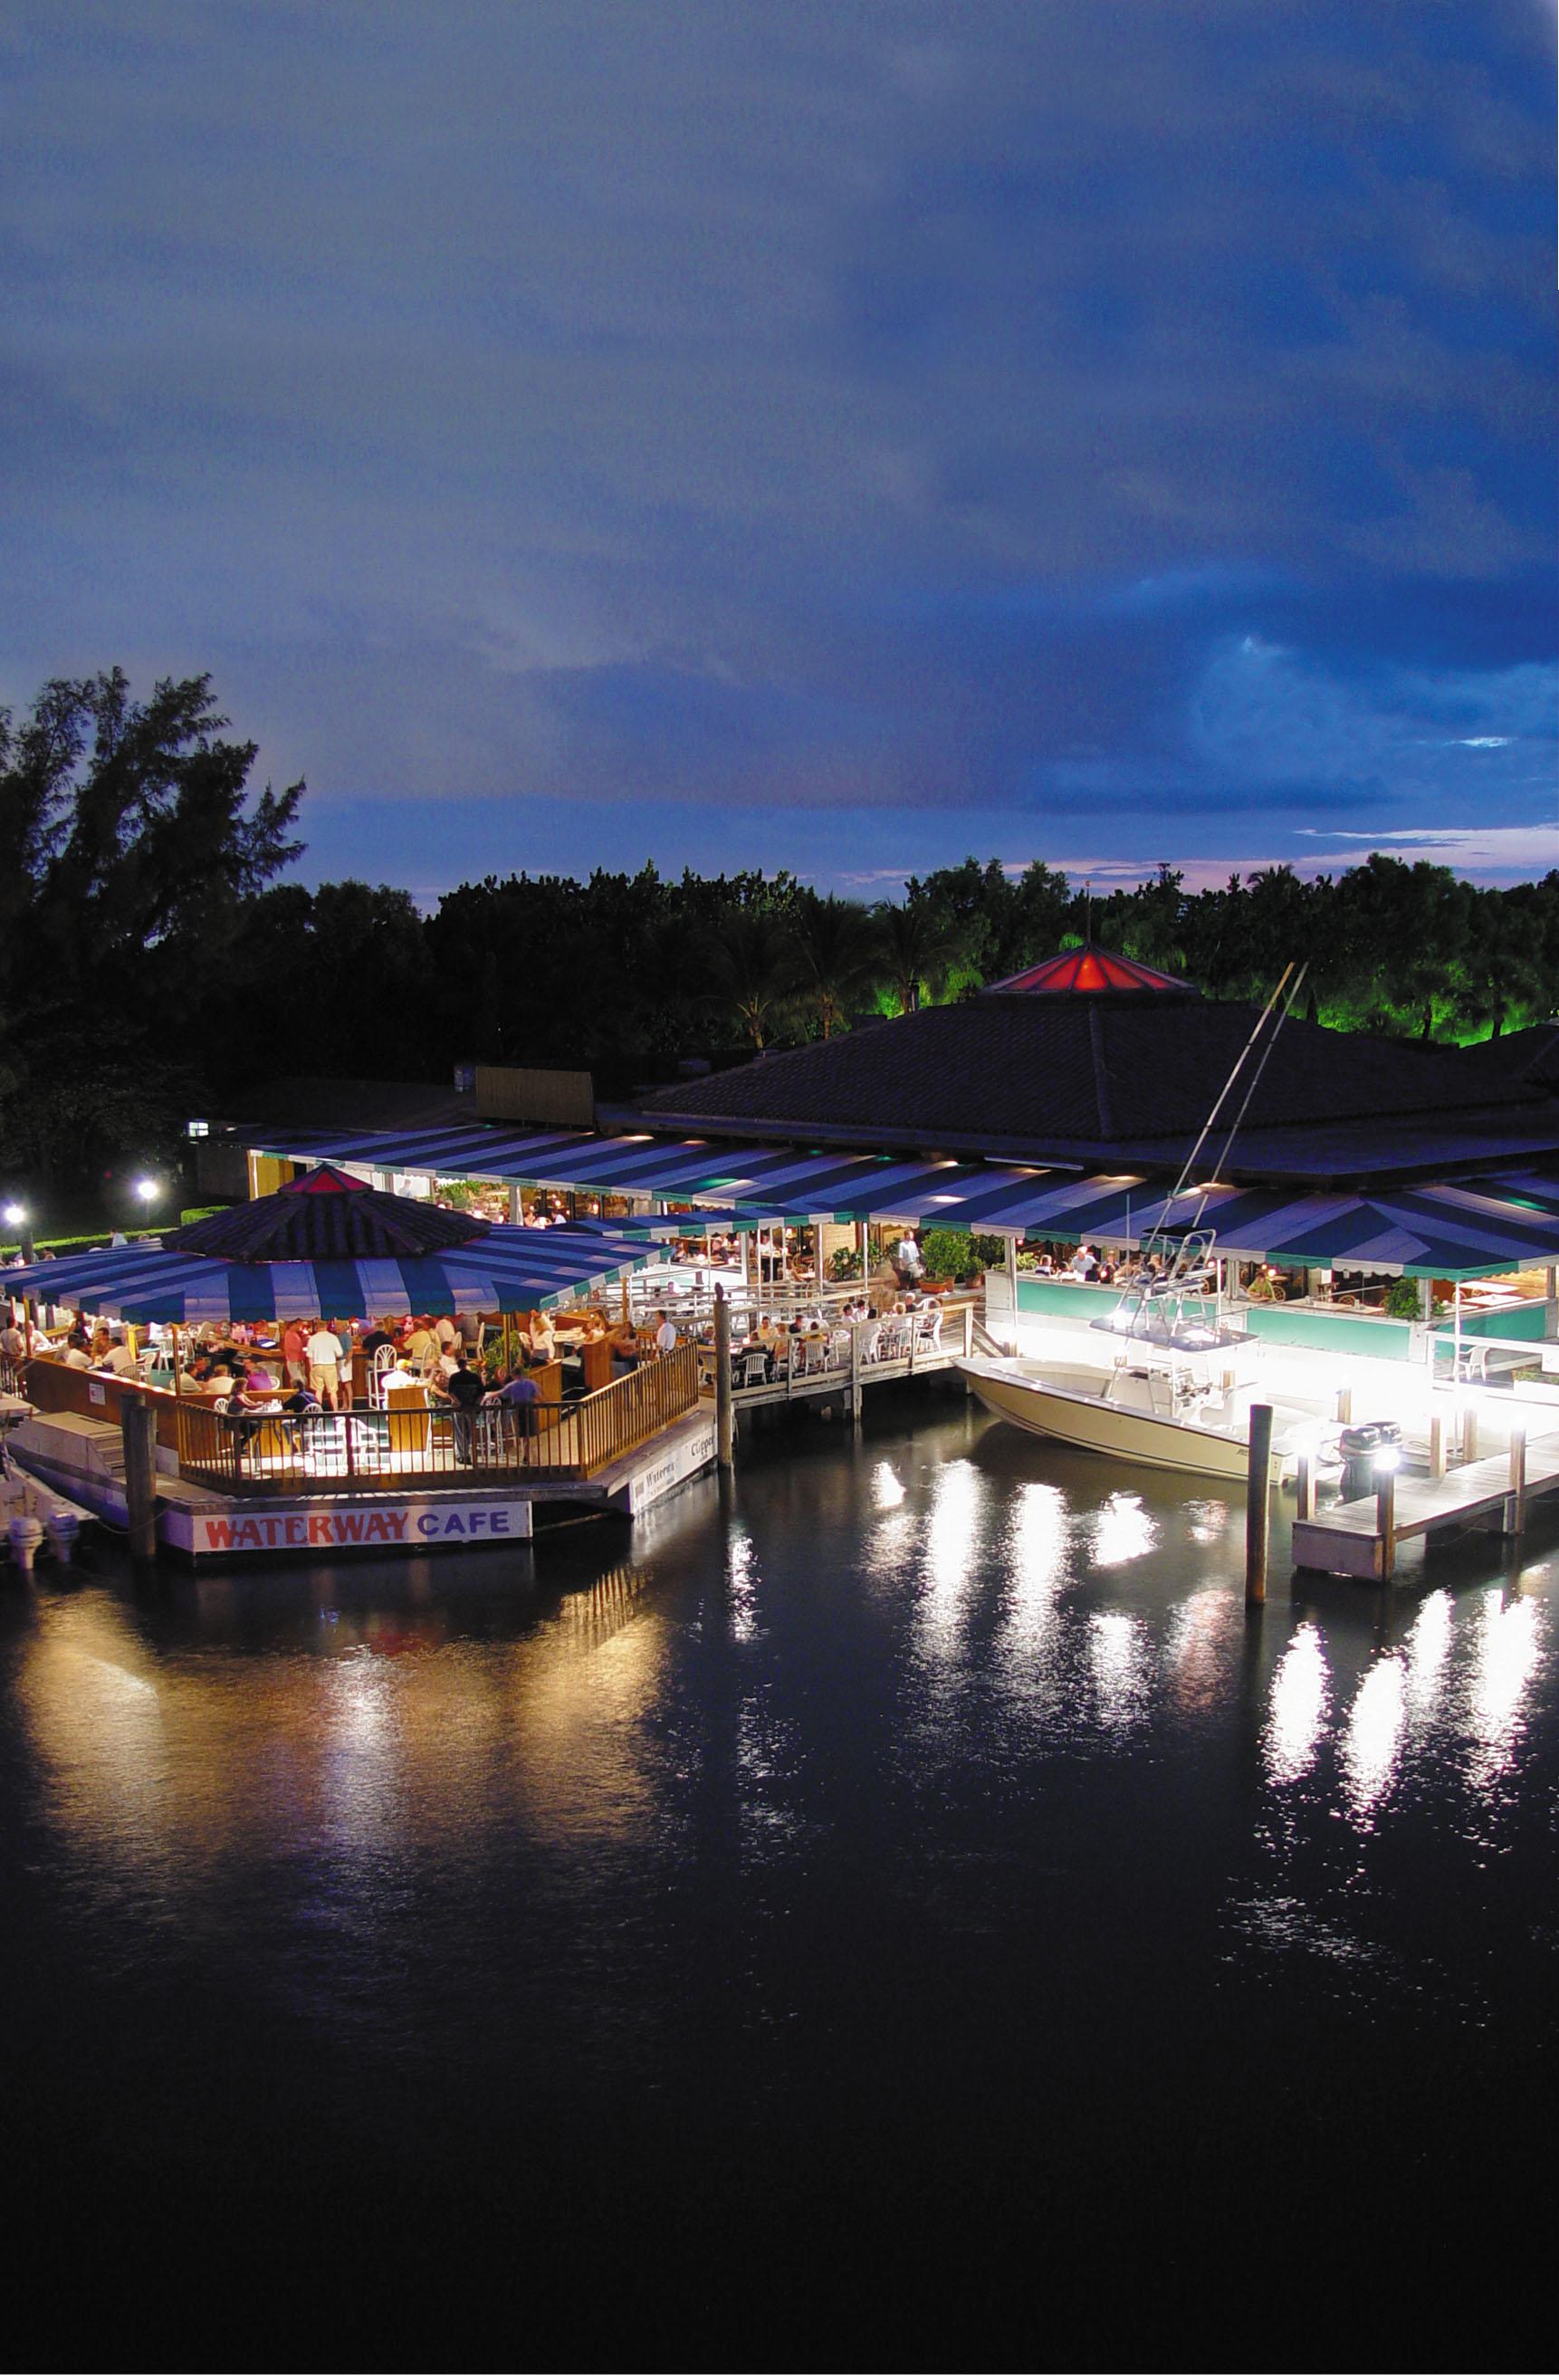 night shot at Waterway Cafe